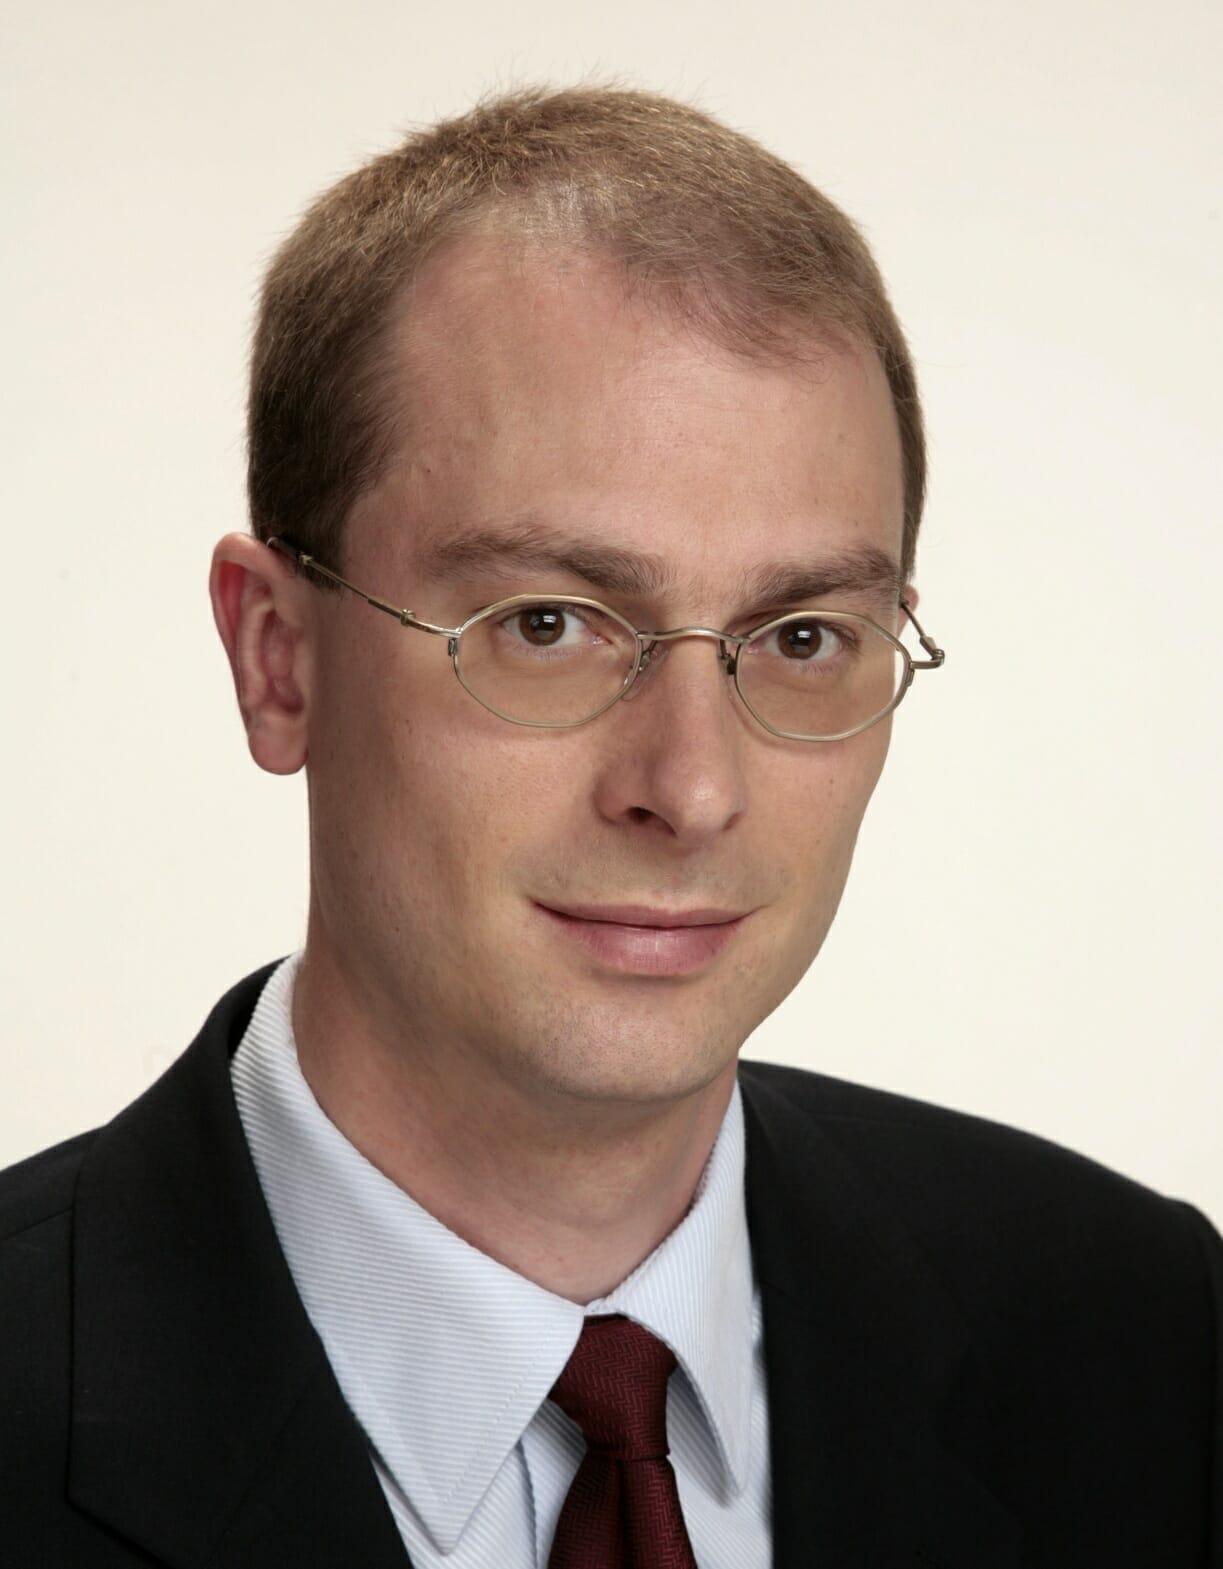 Dr. Ernst Stahl, Research Director bei ibi research an der Universität Regensburg GmbH.